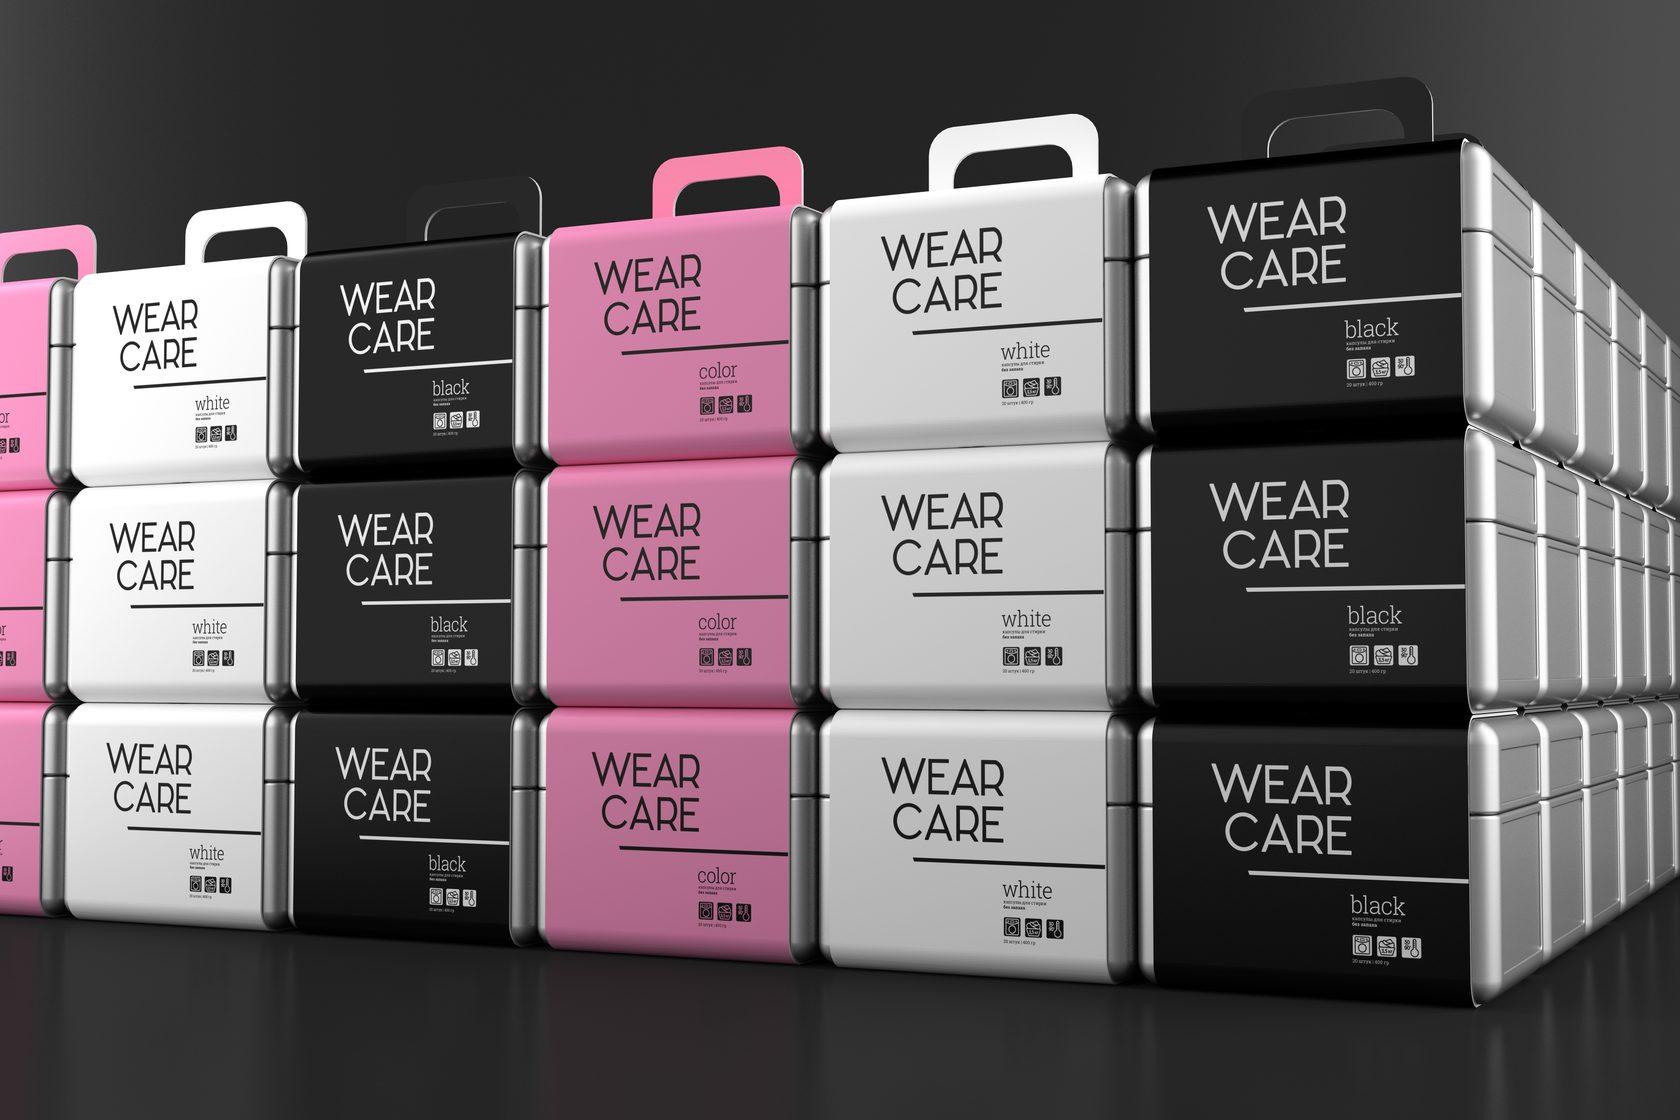 wearcare packaging series